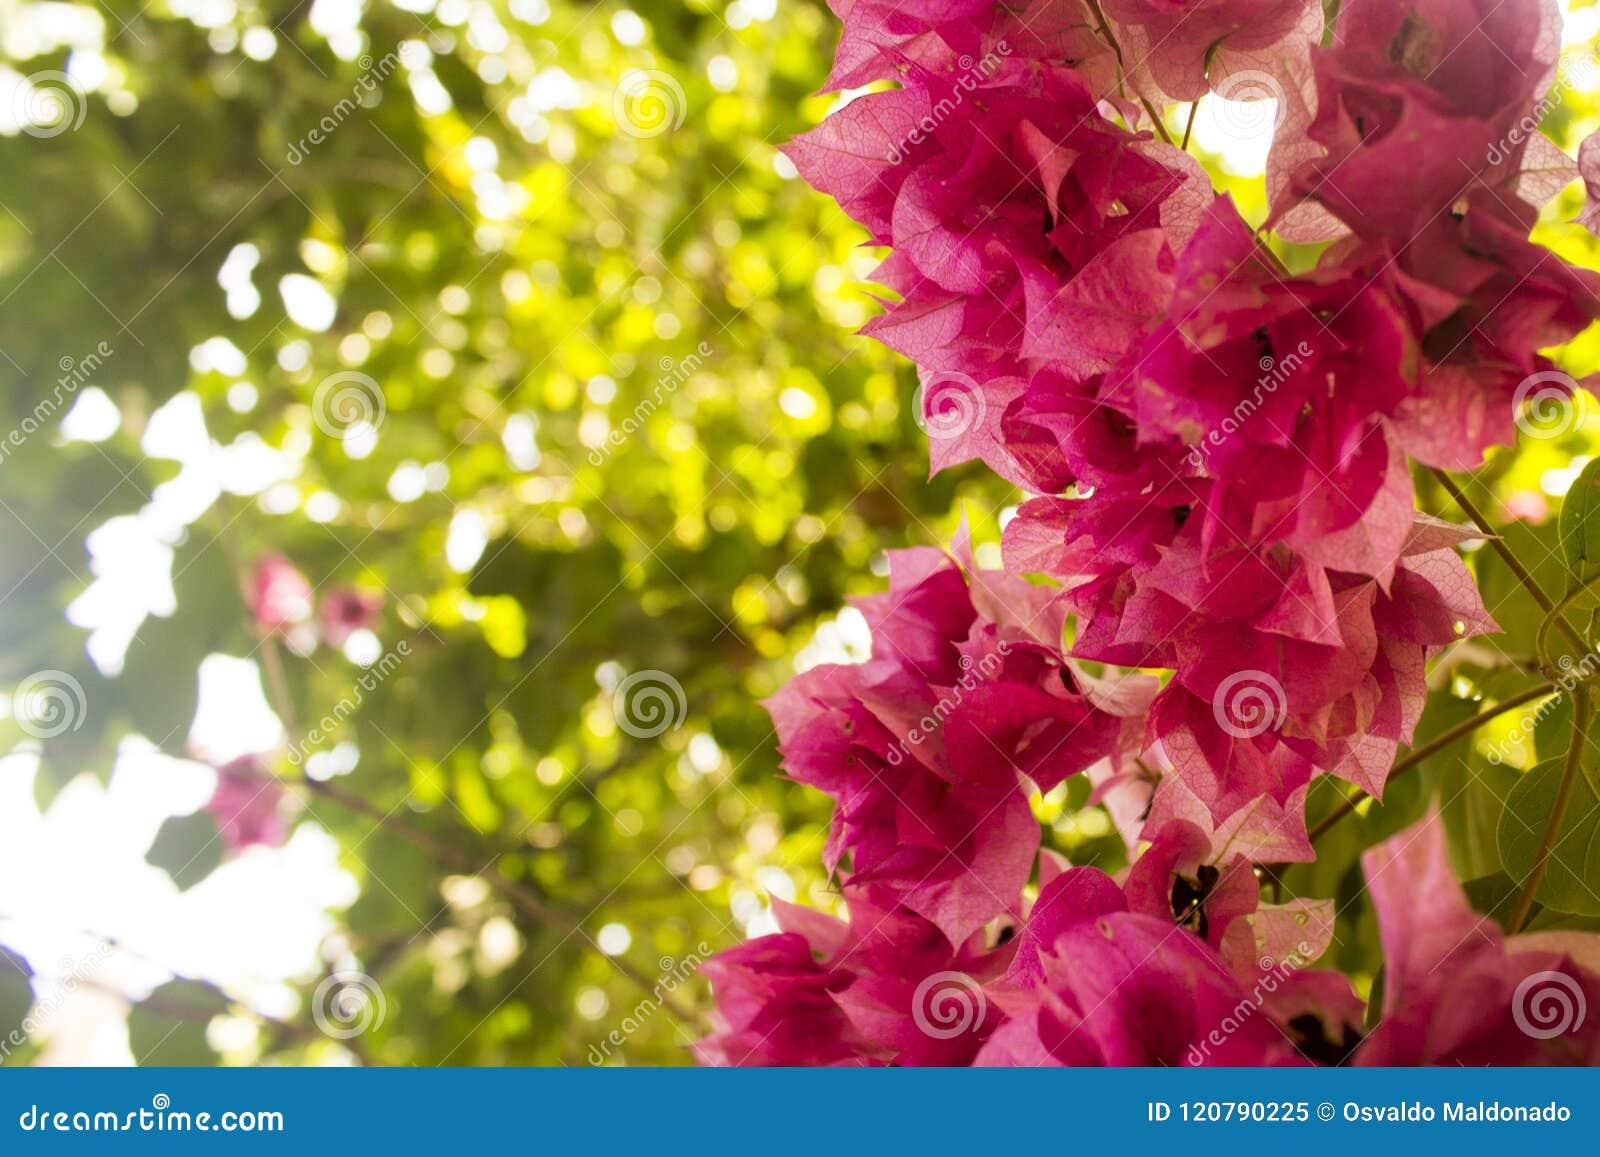 Close-up van een groep violette bloemen met gebladerte als achtergrond